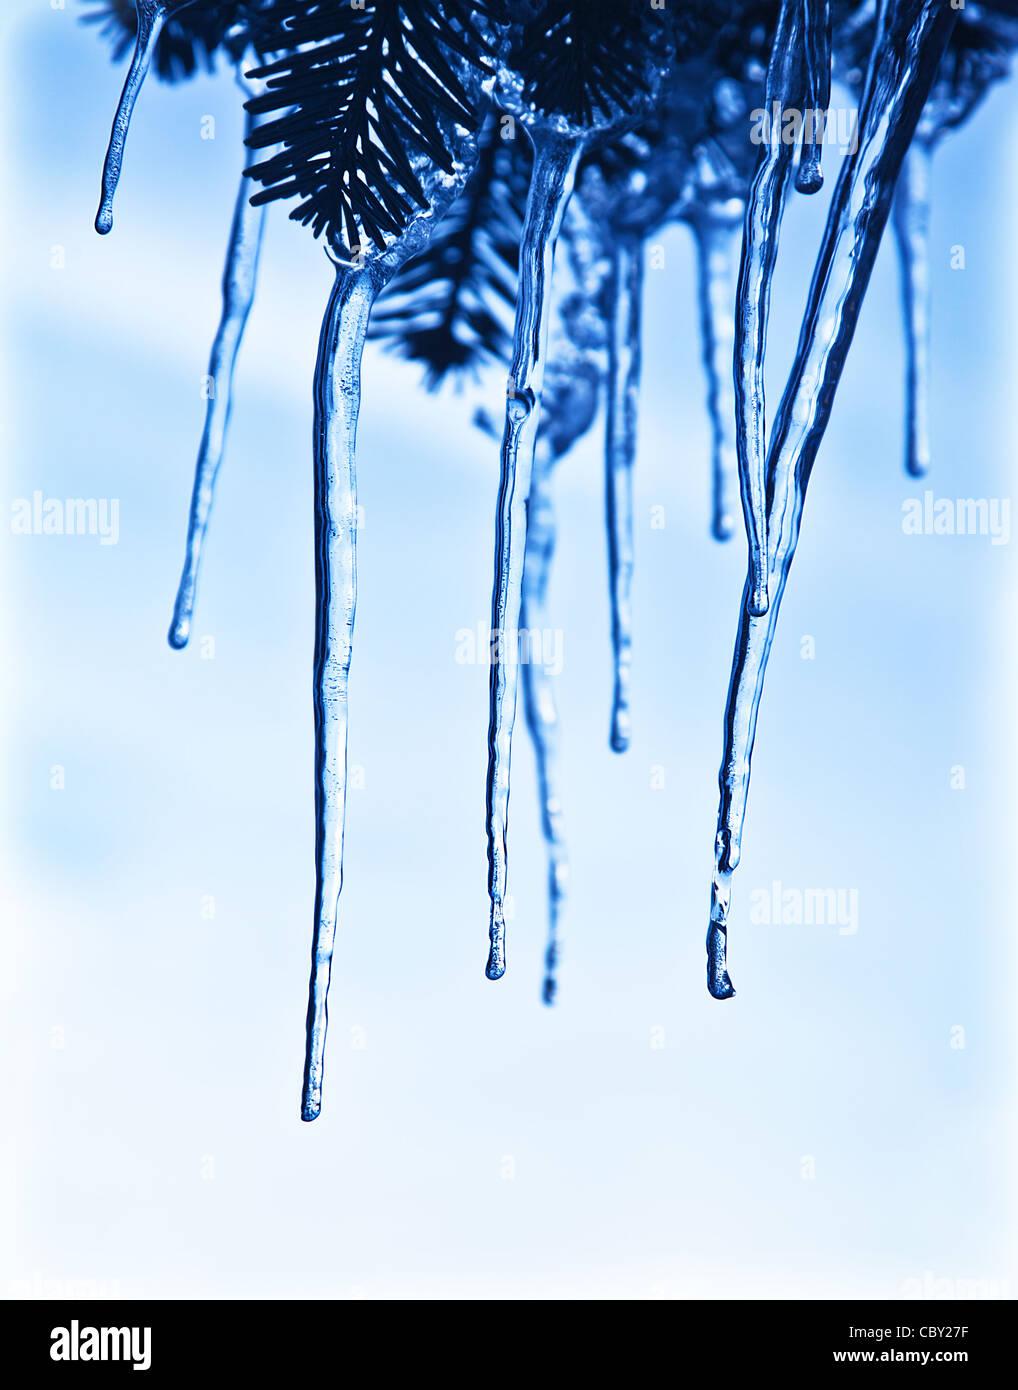 Ghiaccioli sul ramo di albero, blu acqua congelata, ghiaccio invernale, meteo outdoor presso la stagione invernale Immagini Stock